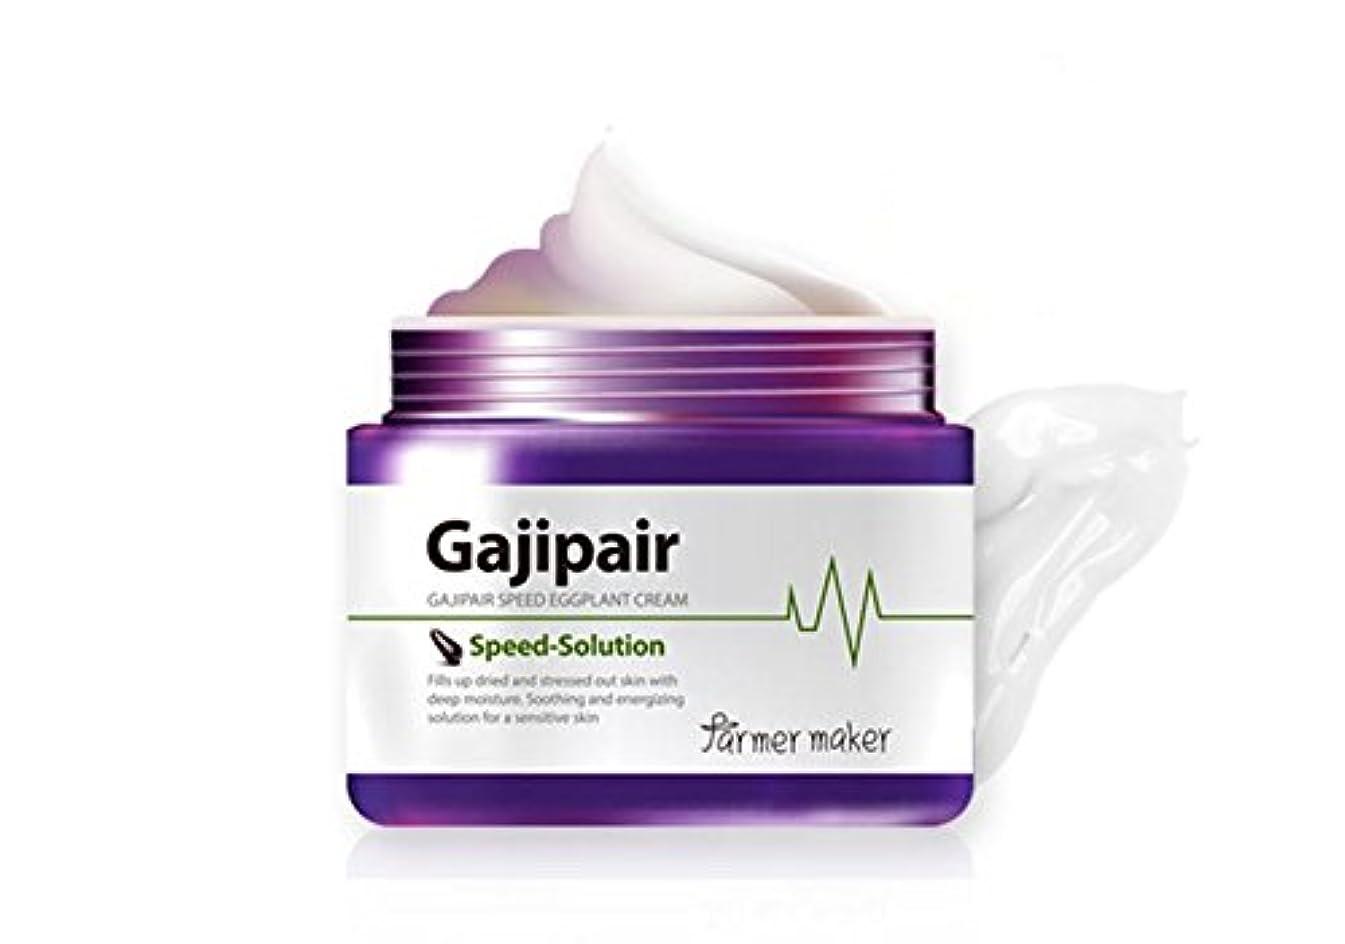 Farmer maker Gajipair Speed Eggplant Cream 70ml/ファーマーメイカー ガジペア(ナスペア) スピード エッグプラント クリーム 70ml [並行輸入品]